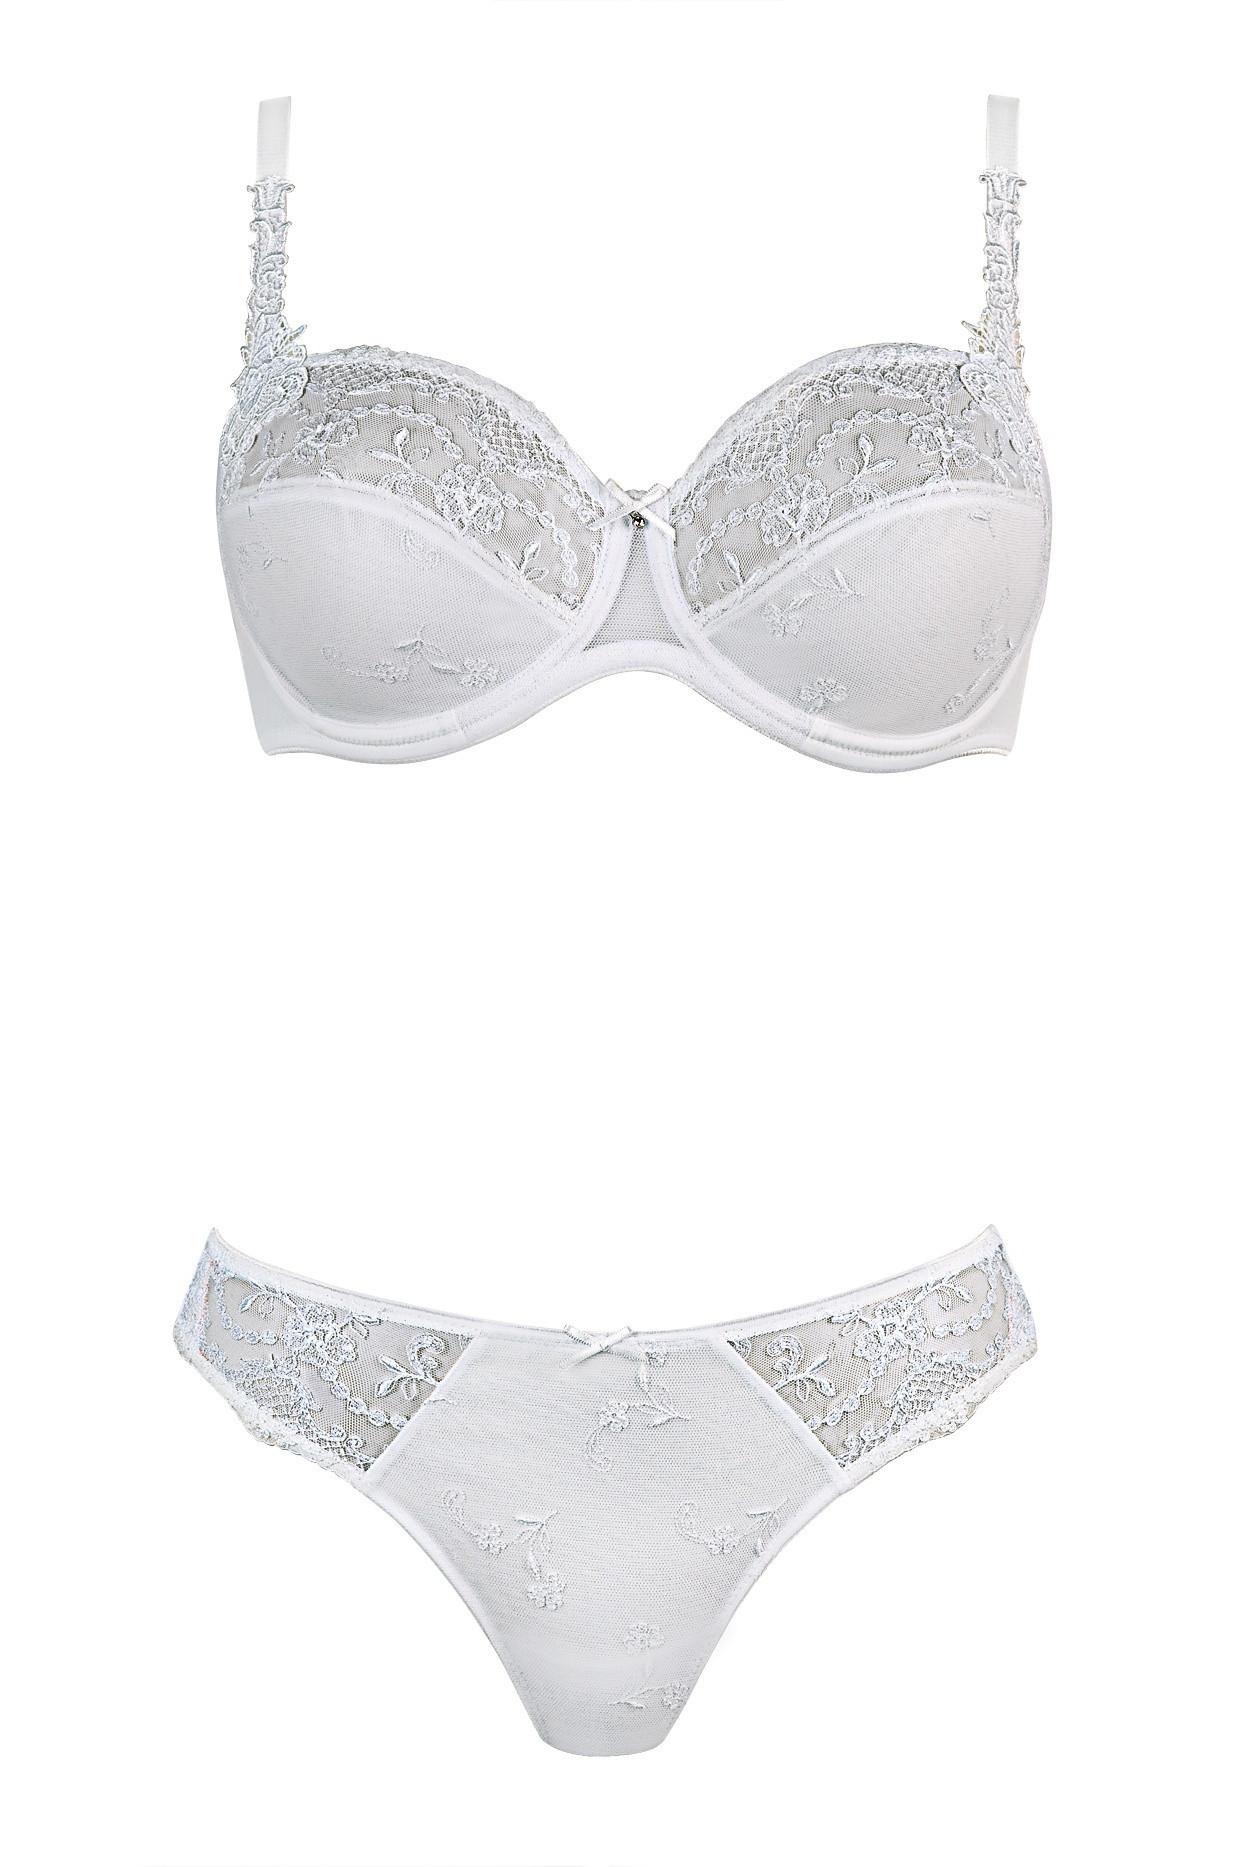 Podprsenka s kosticí 80516-Felina barva: bílá, velikost: 80F